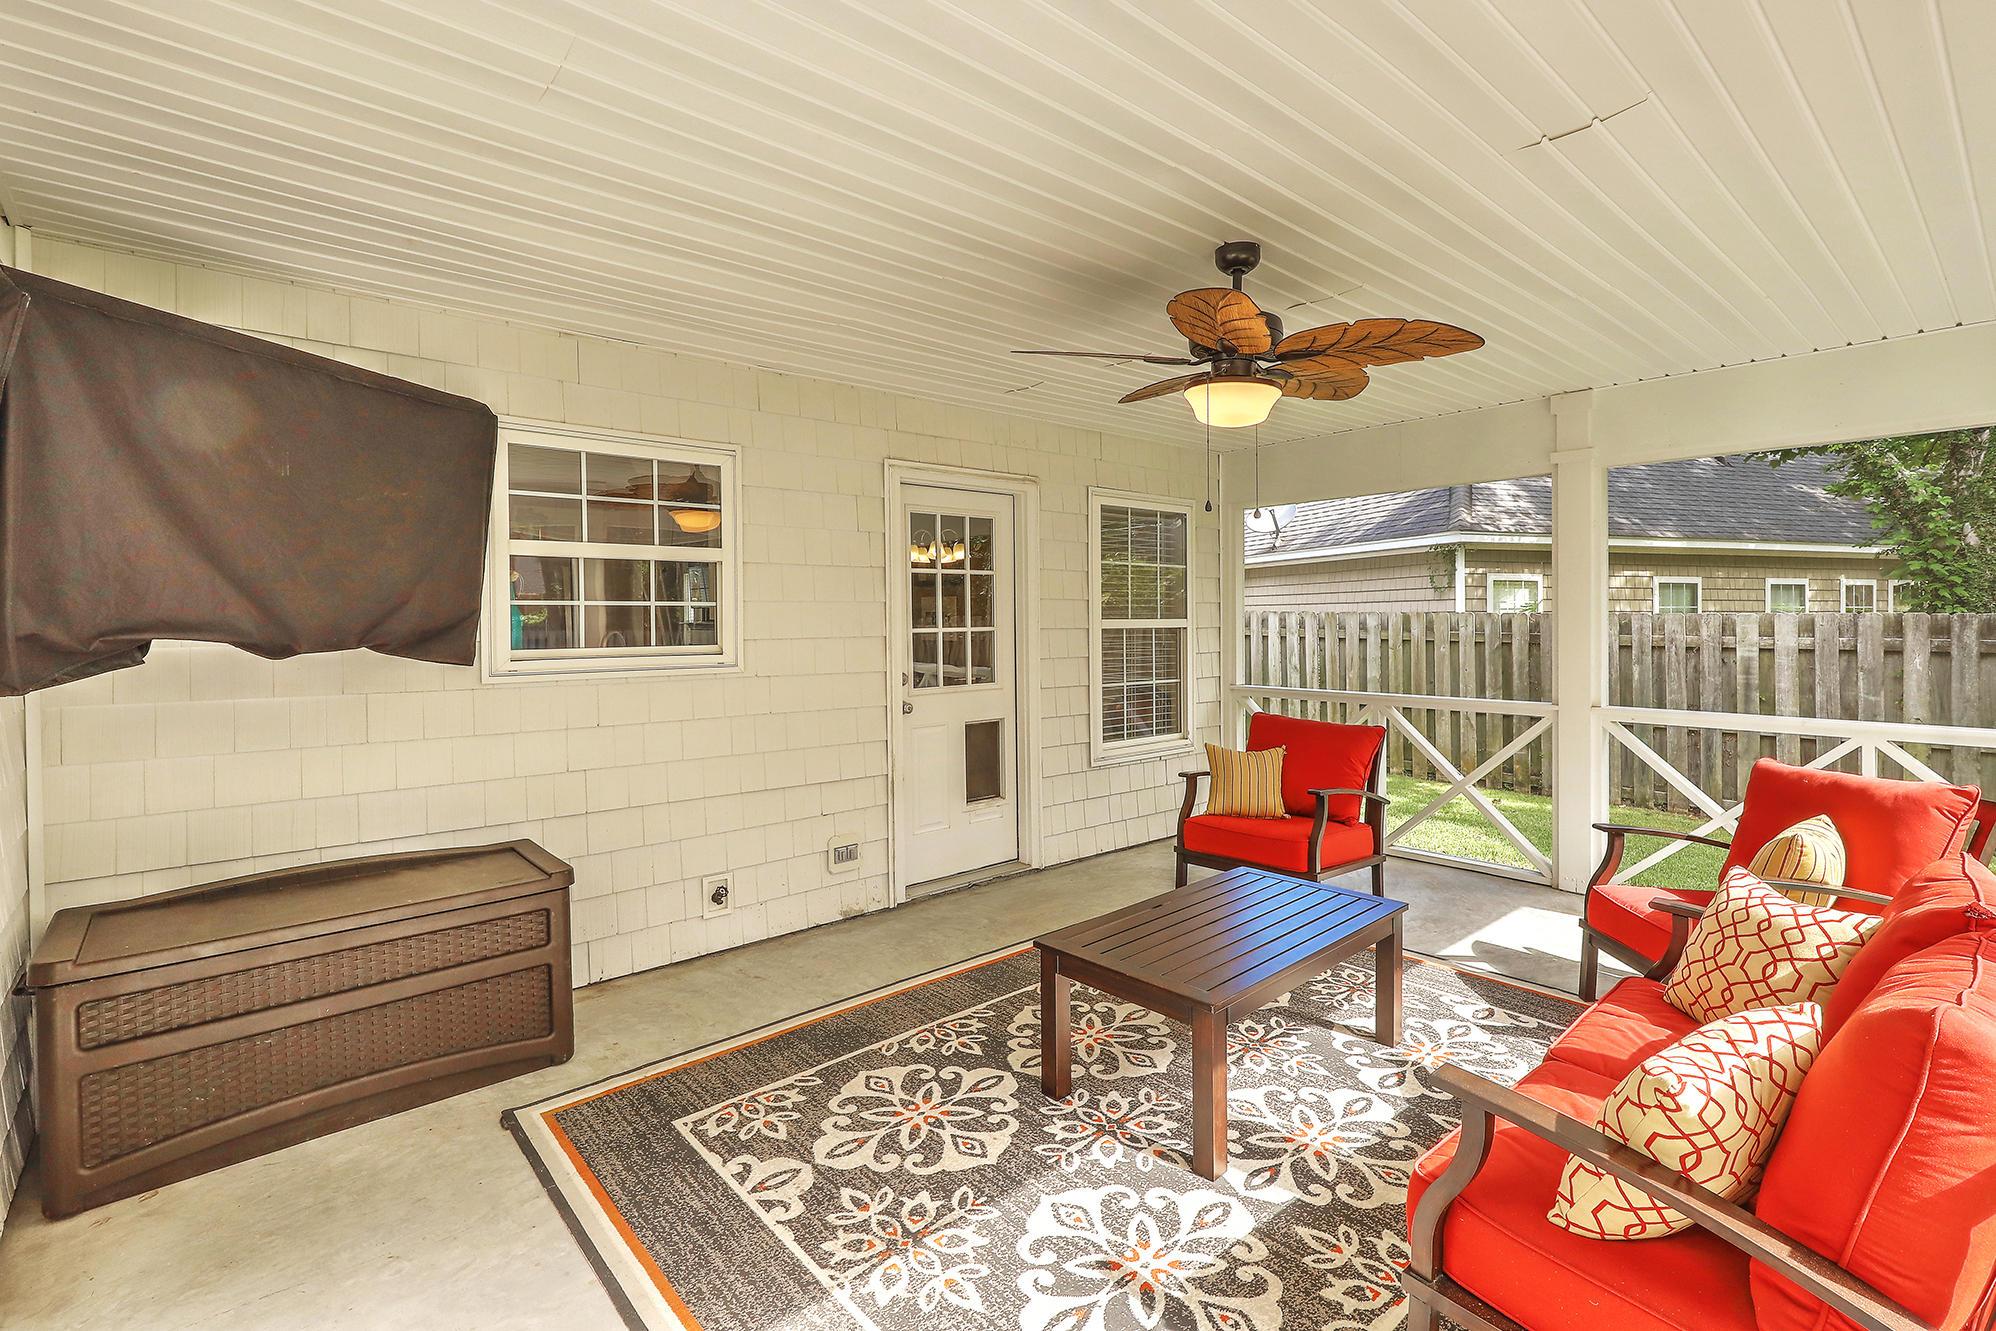 Lawton Harbor Homes For Sale - 559 Cecilia Cove, Charleston, SC - 20